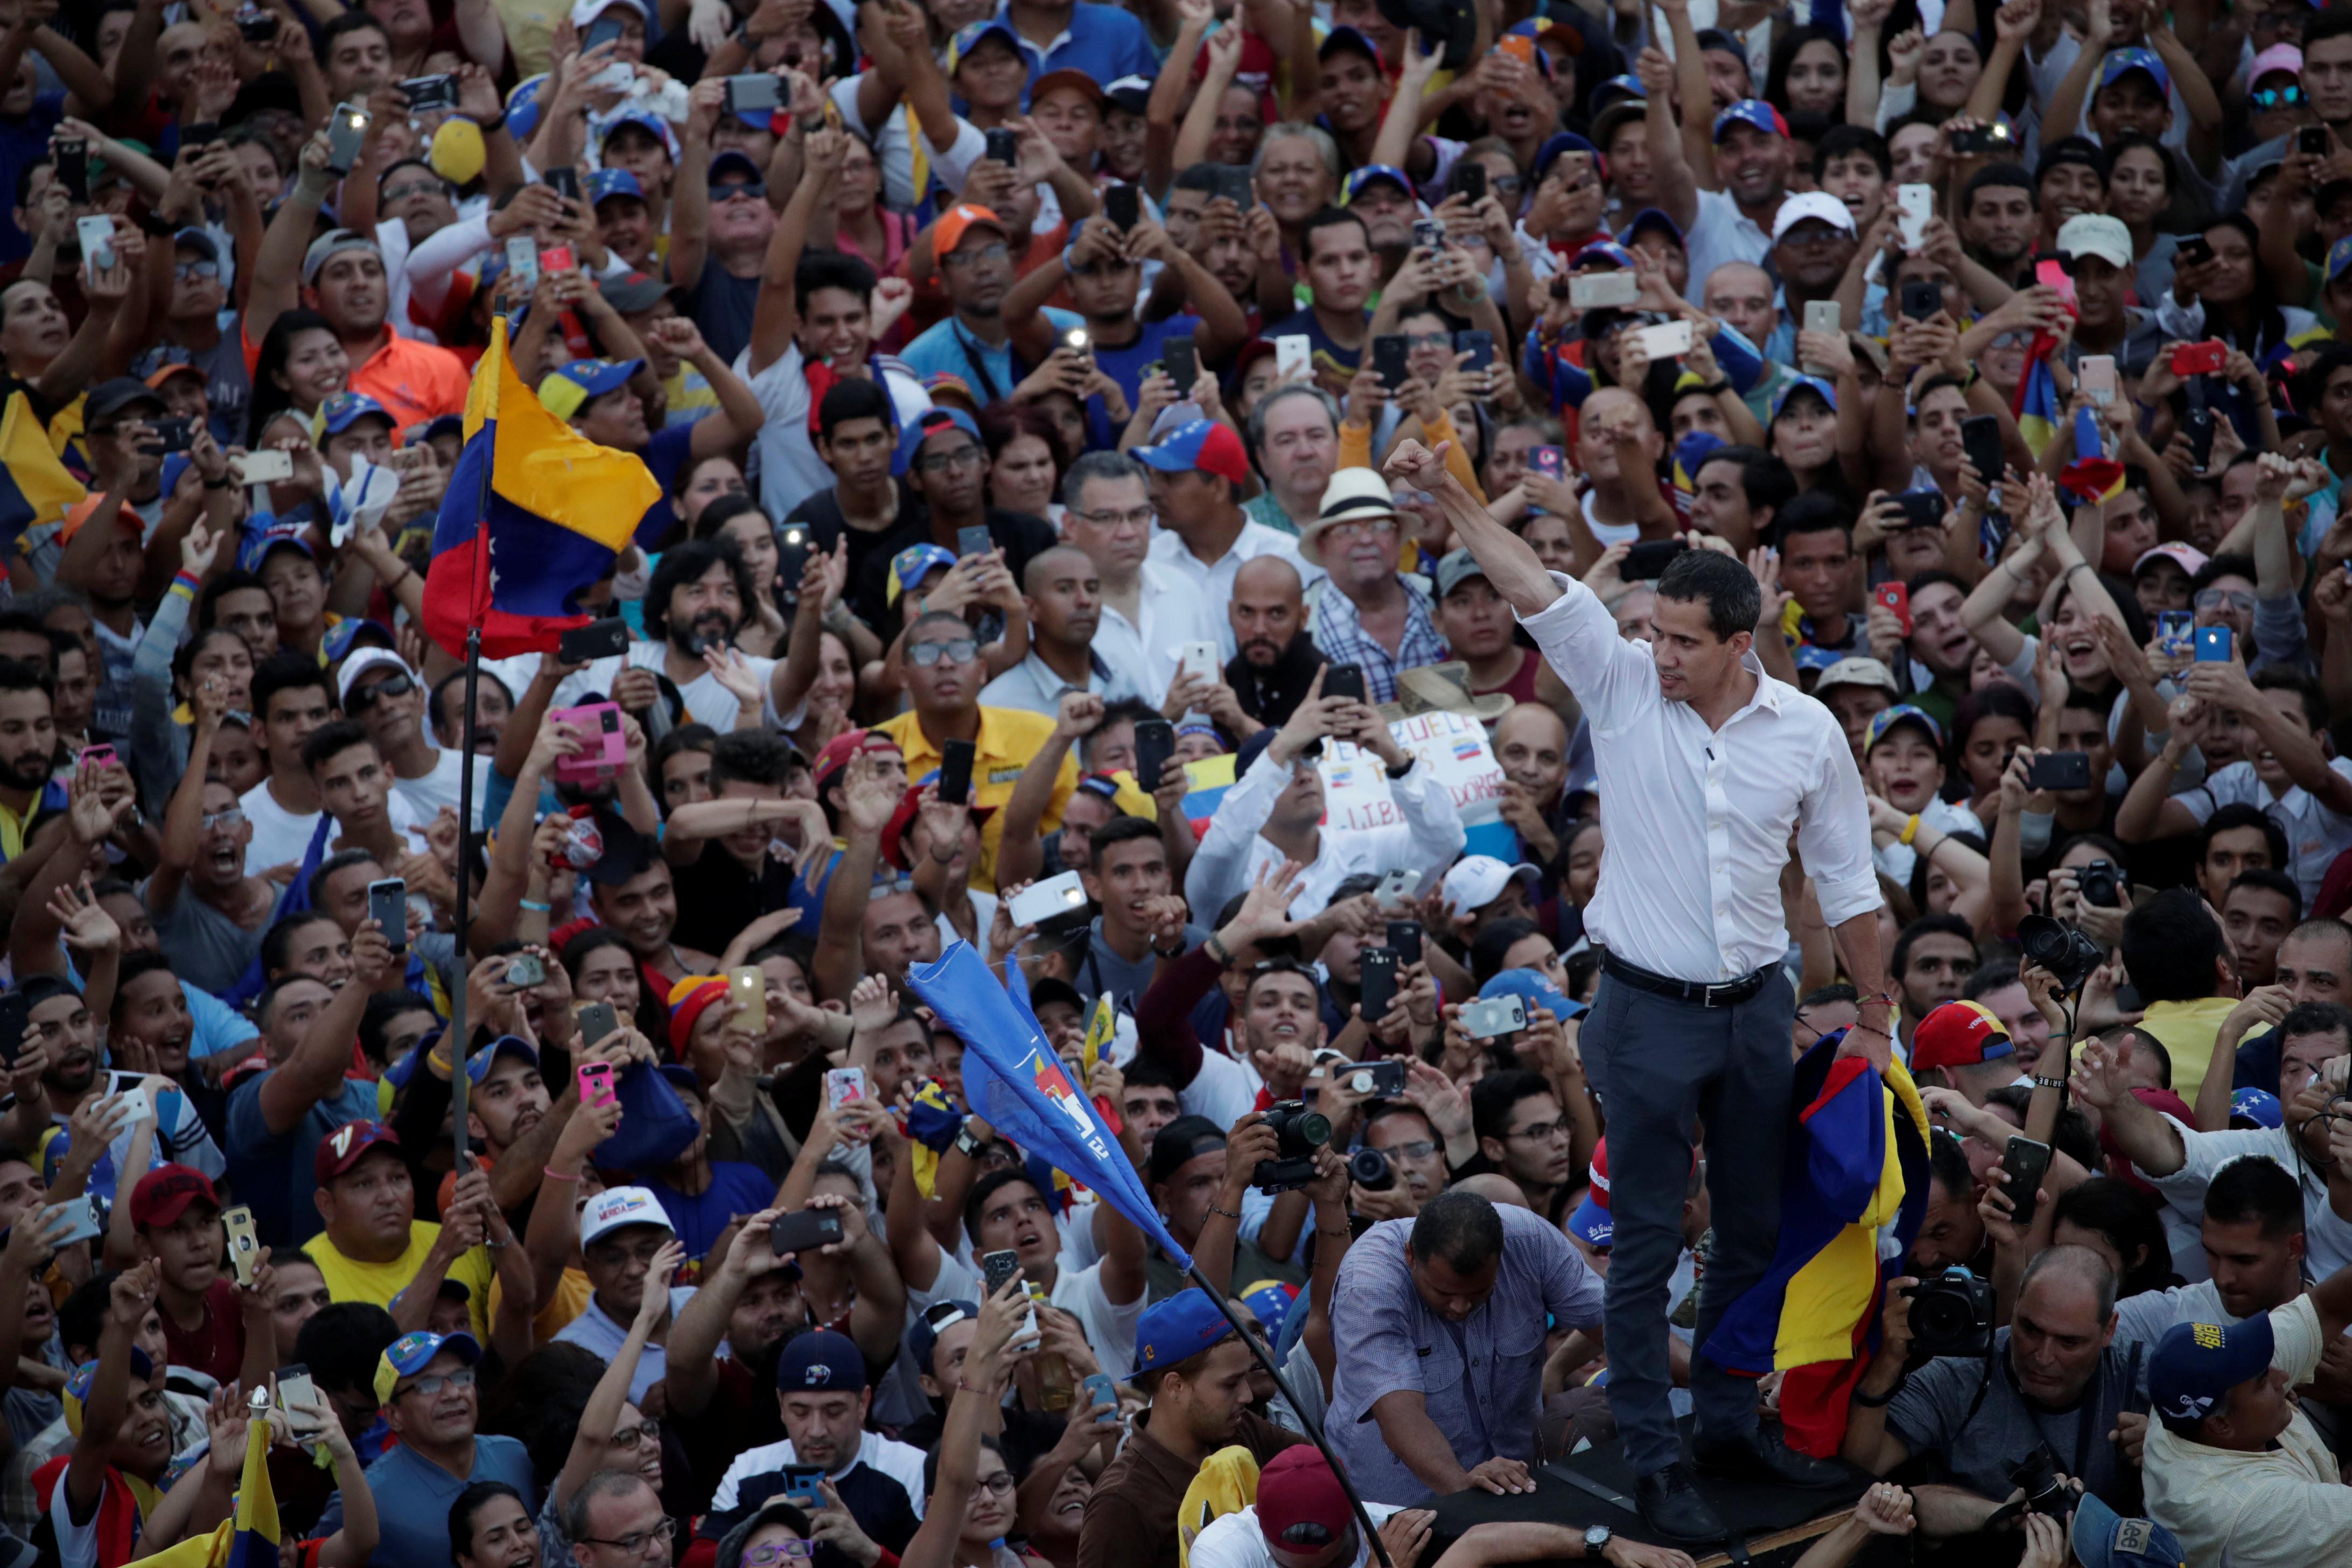 زعيم المعارضة الفنزويلية جوايدو يشارك في مظاهرة خلال زيارته لماراكايبو 5